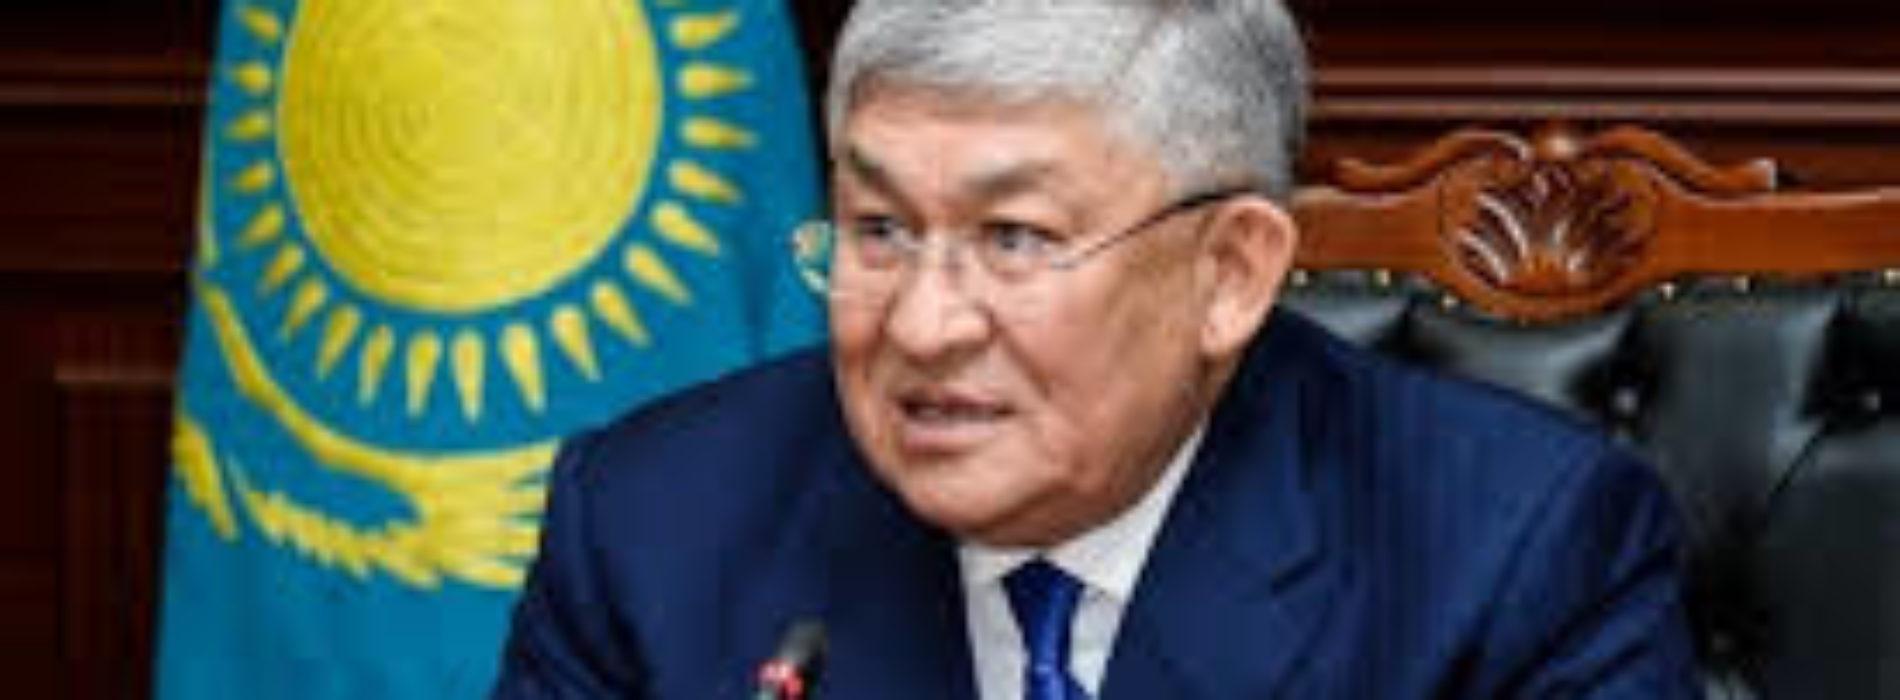 Крымбек Кушербаев назначен руководителем АП РК